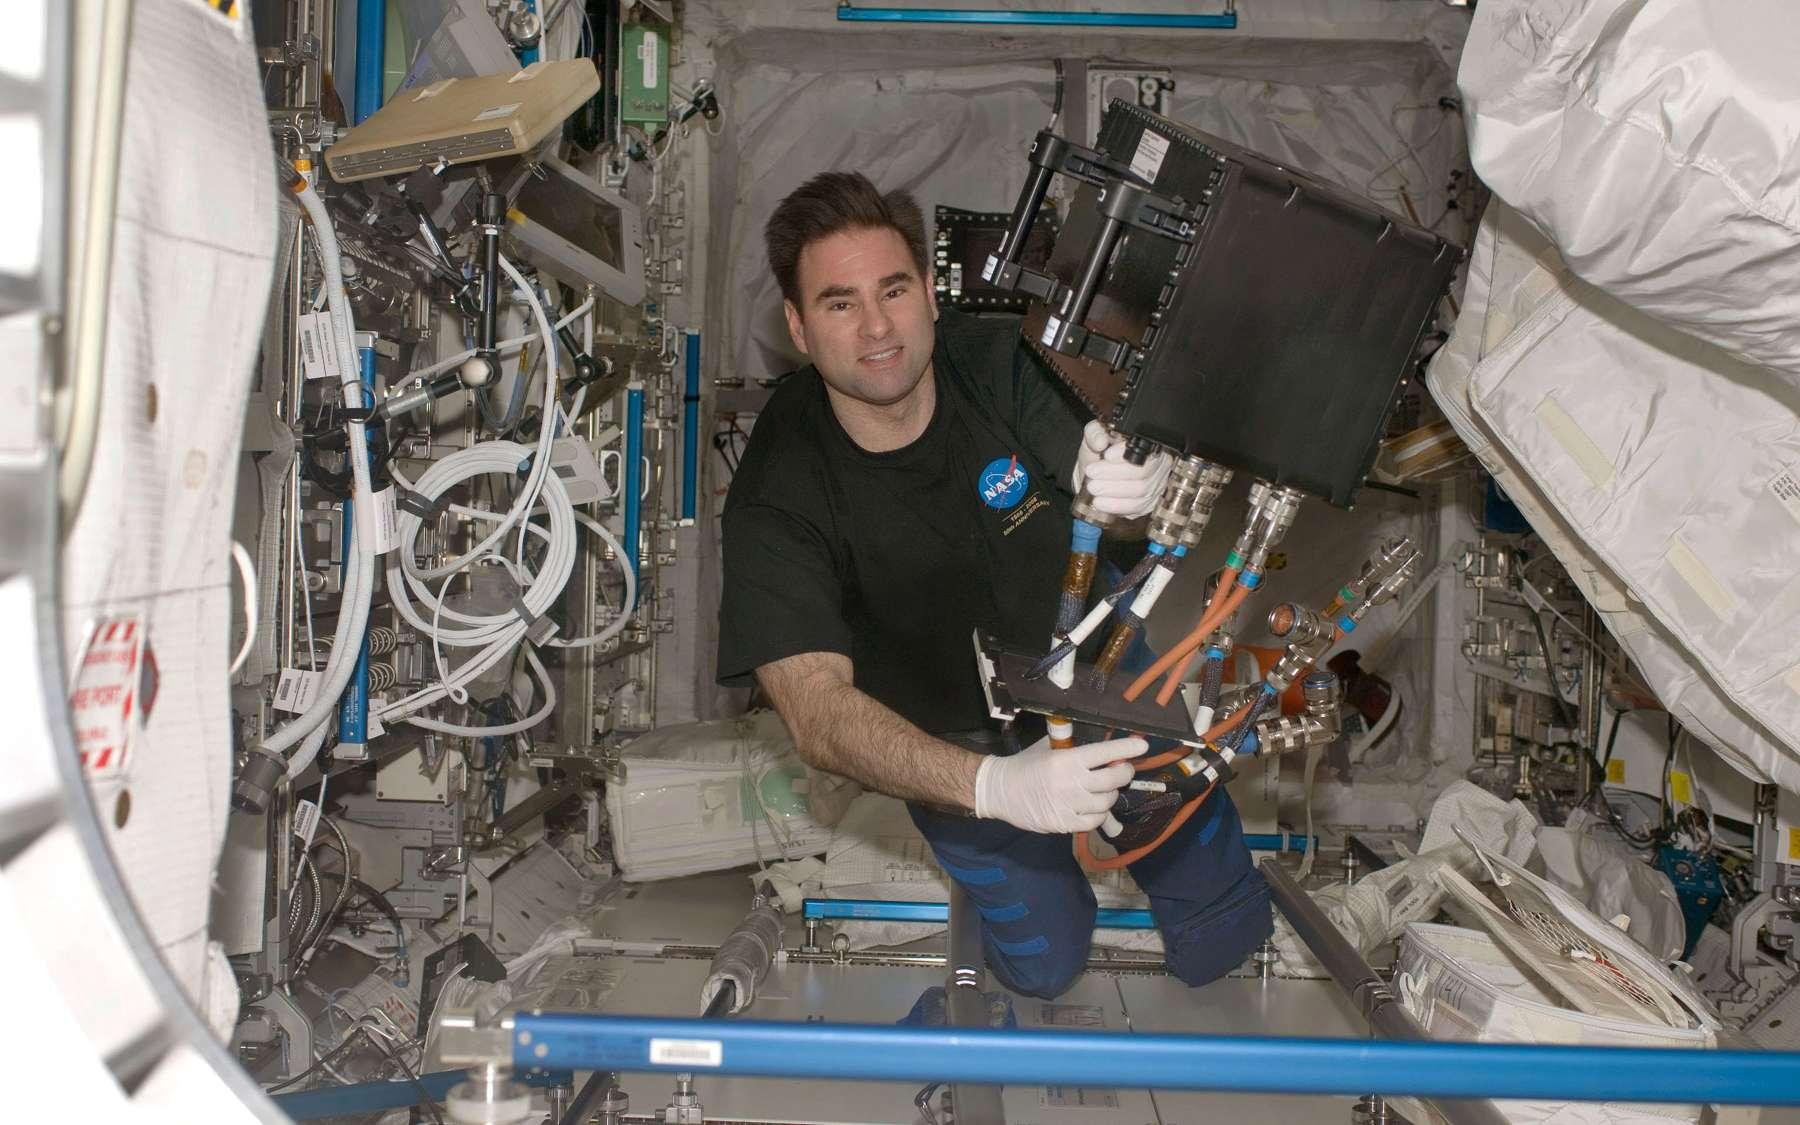 L'astronaute américain Greg Chamitoff installant Geoflow I dans le module Columbus lors de la première mission en Octobre 2008. Cette expérience avait pour objectif d'étudier la physique des fluides dans le noyau liquide de la Terre. © Nasa